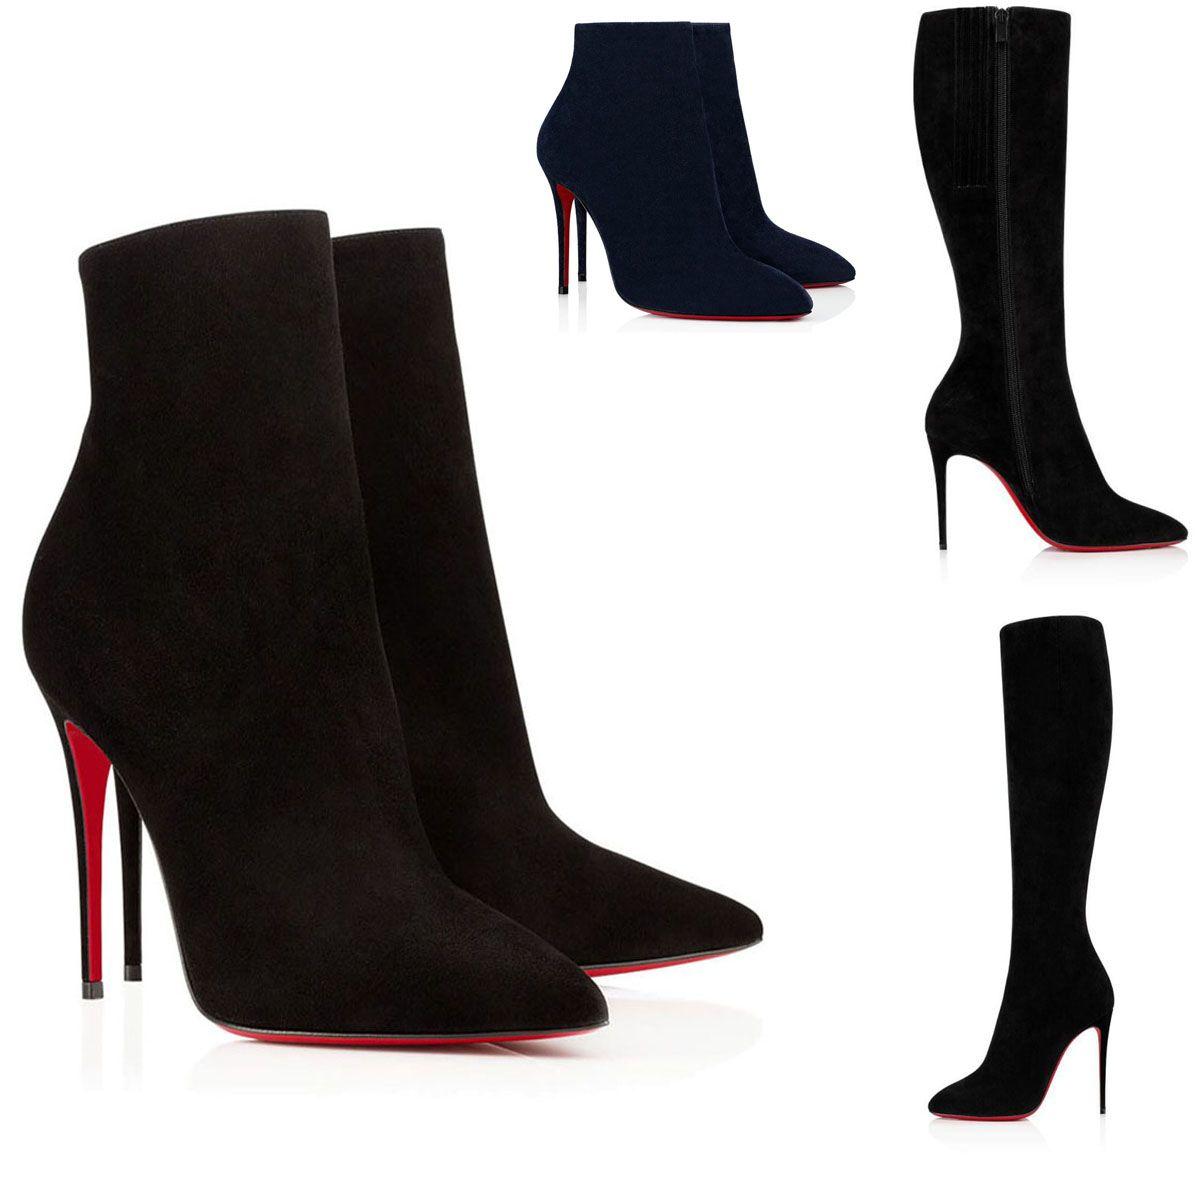 Moda zapatos para mujer París para mujer Botas de fondo rojo Zapatos de tobillo Booty Fashion Women Black Suede Cuero Sexy Suelas rojas Altas Tacones Altos Calidad